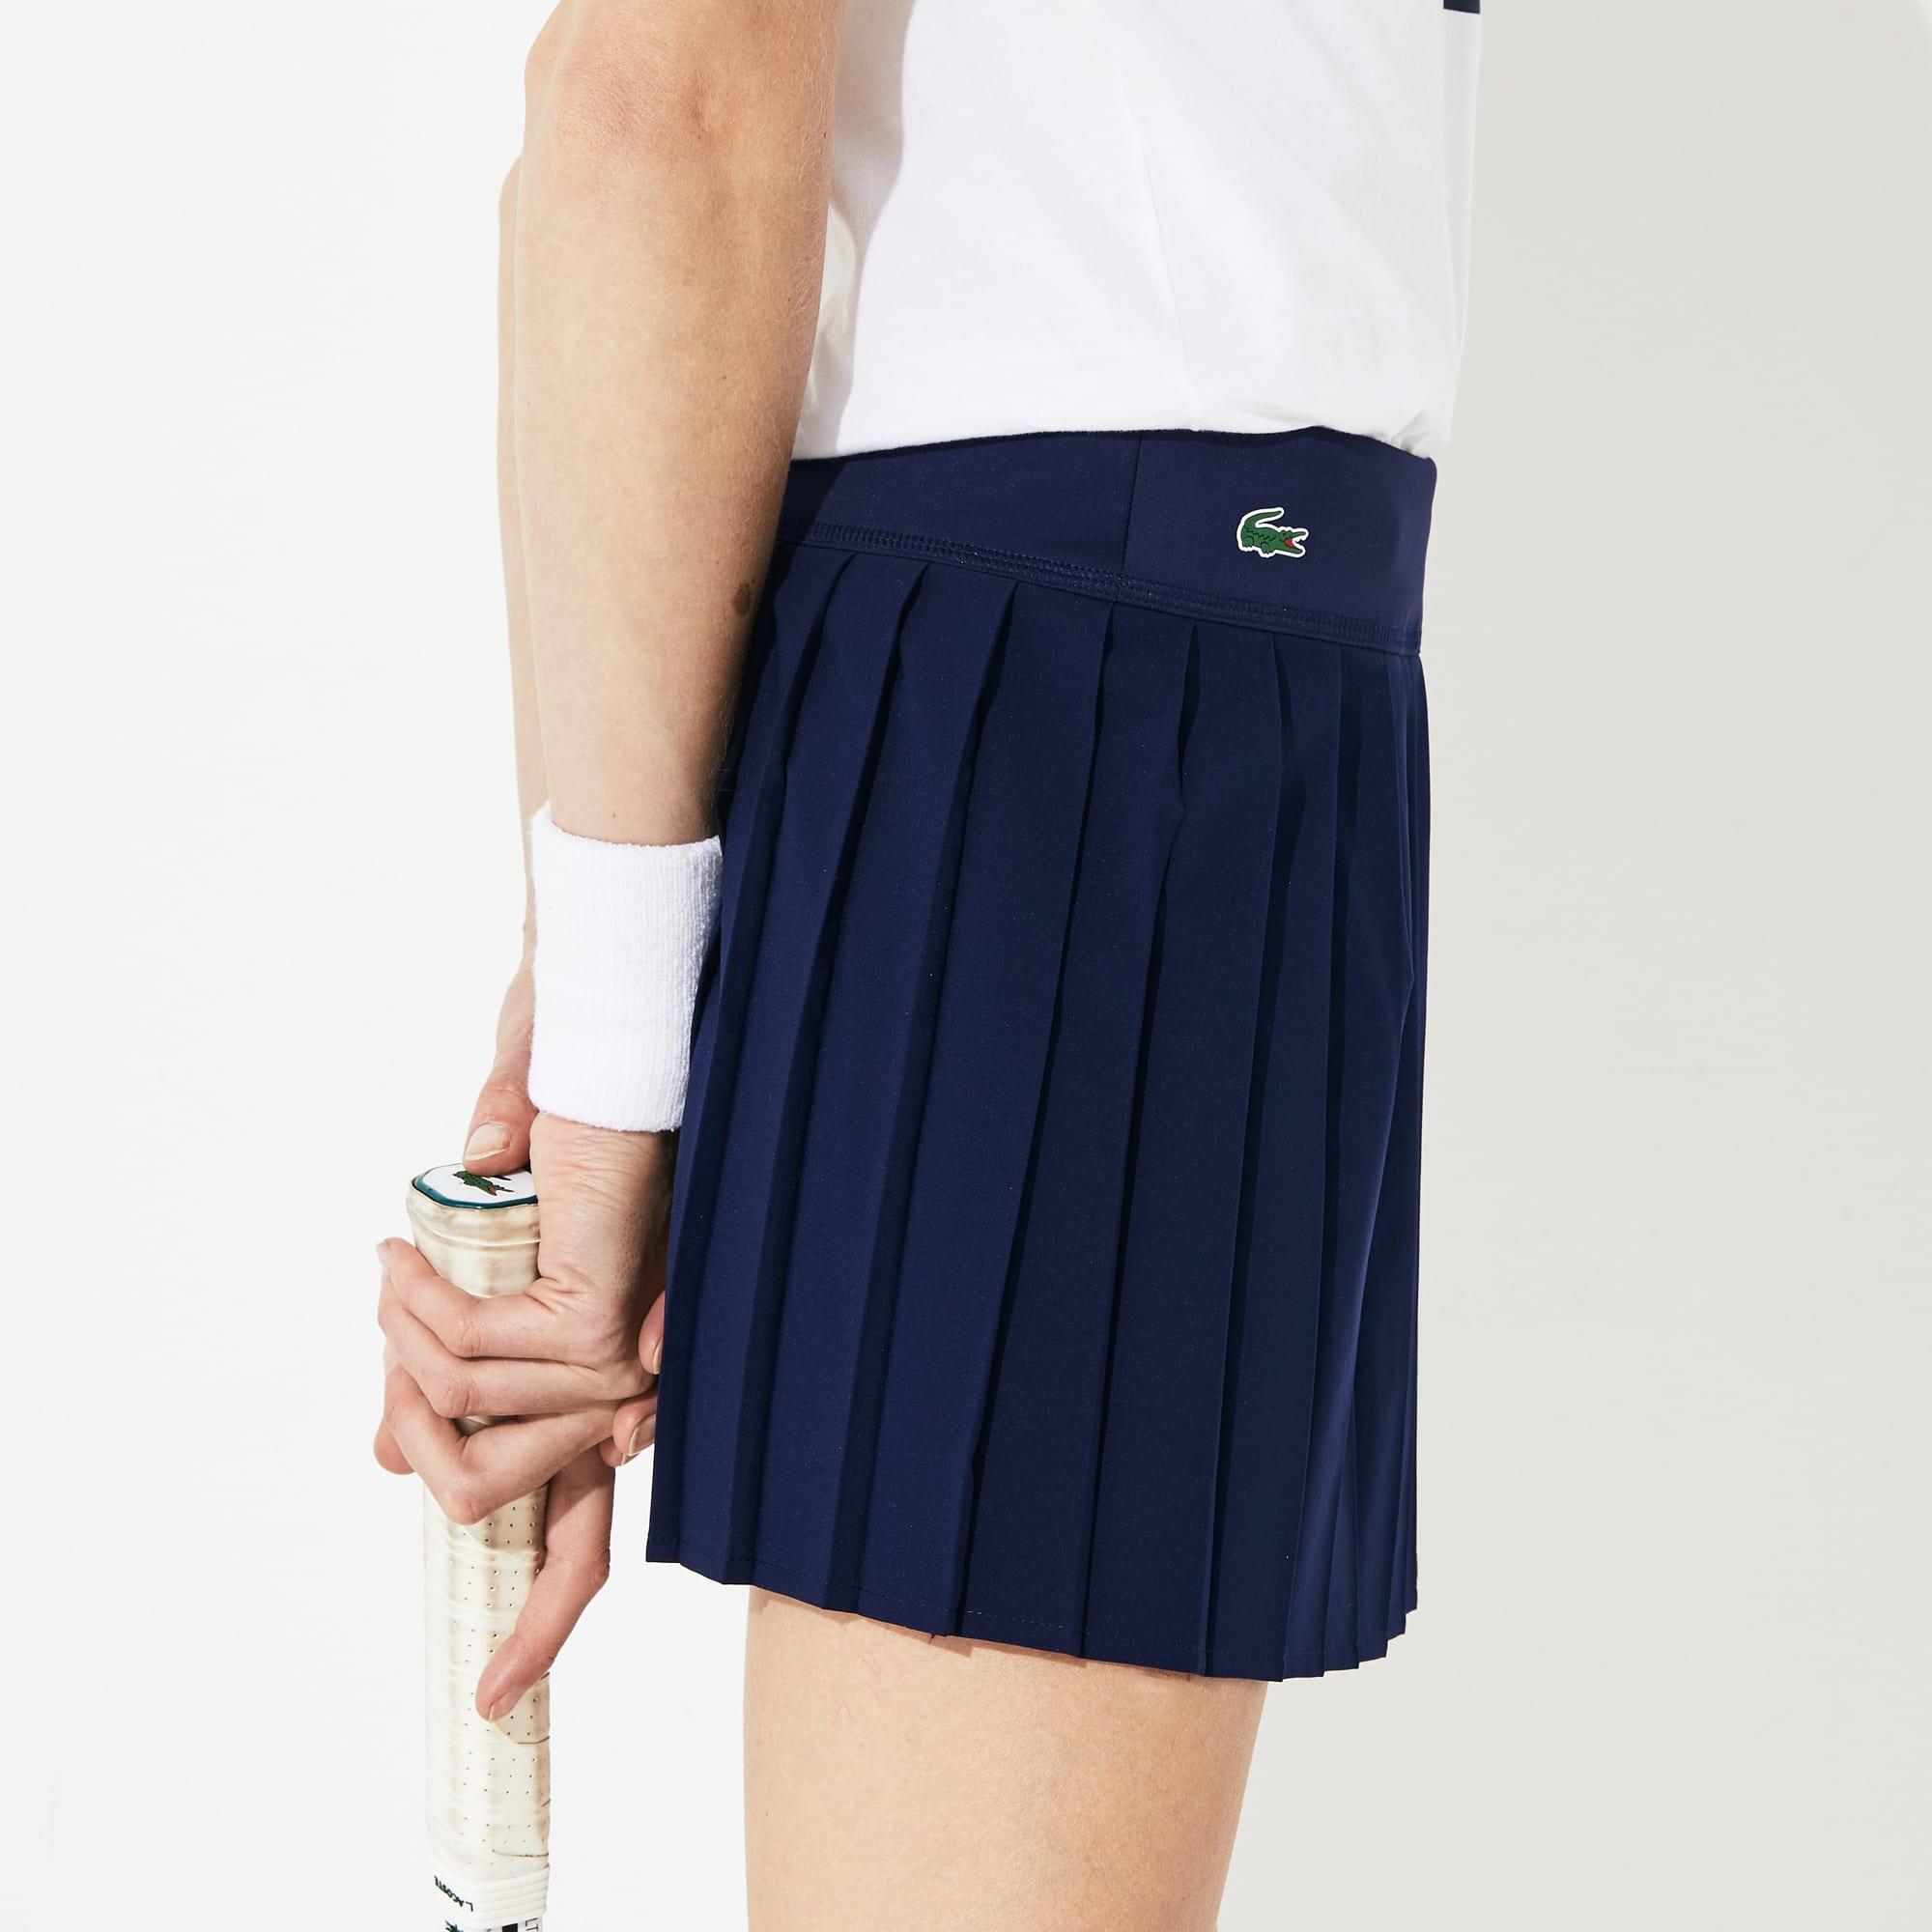 f84d0e47b5 Jupe plissée Tennis Lacoste SPORT en maille technique | LACOSTE